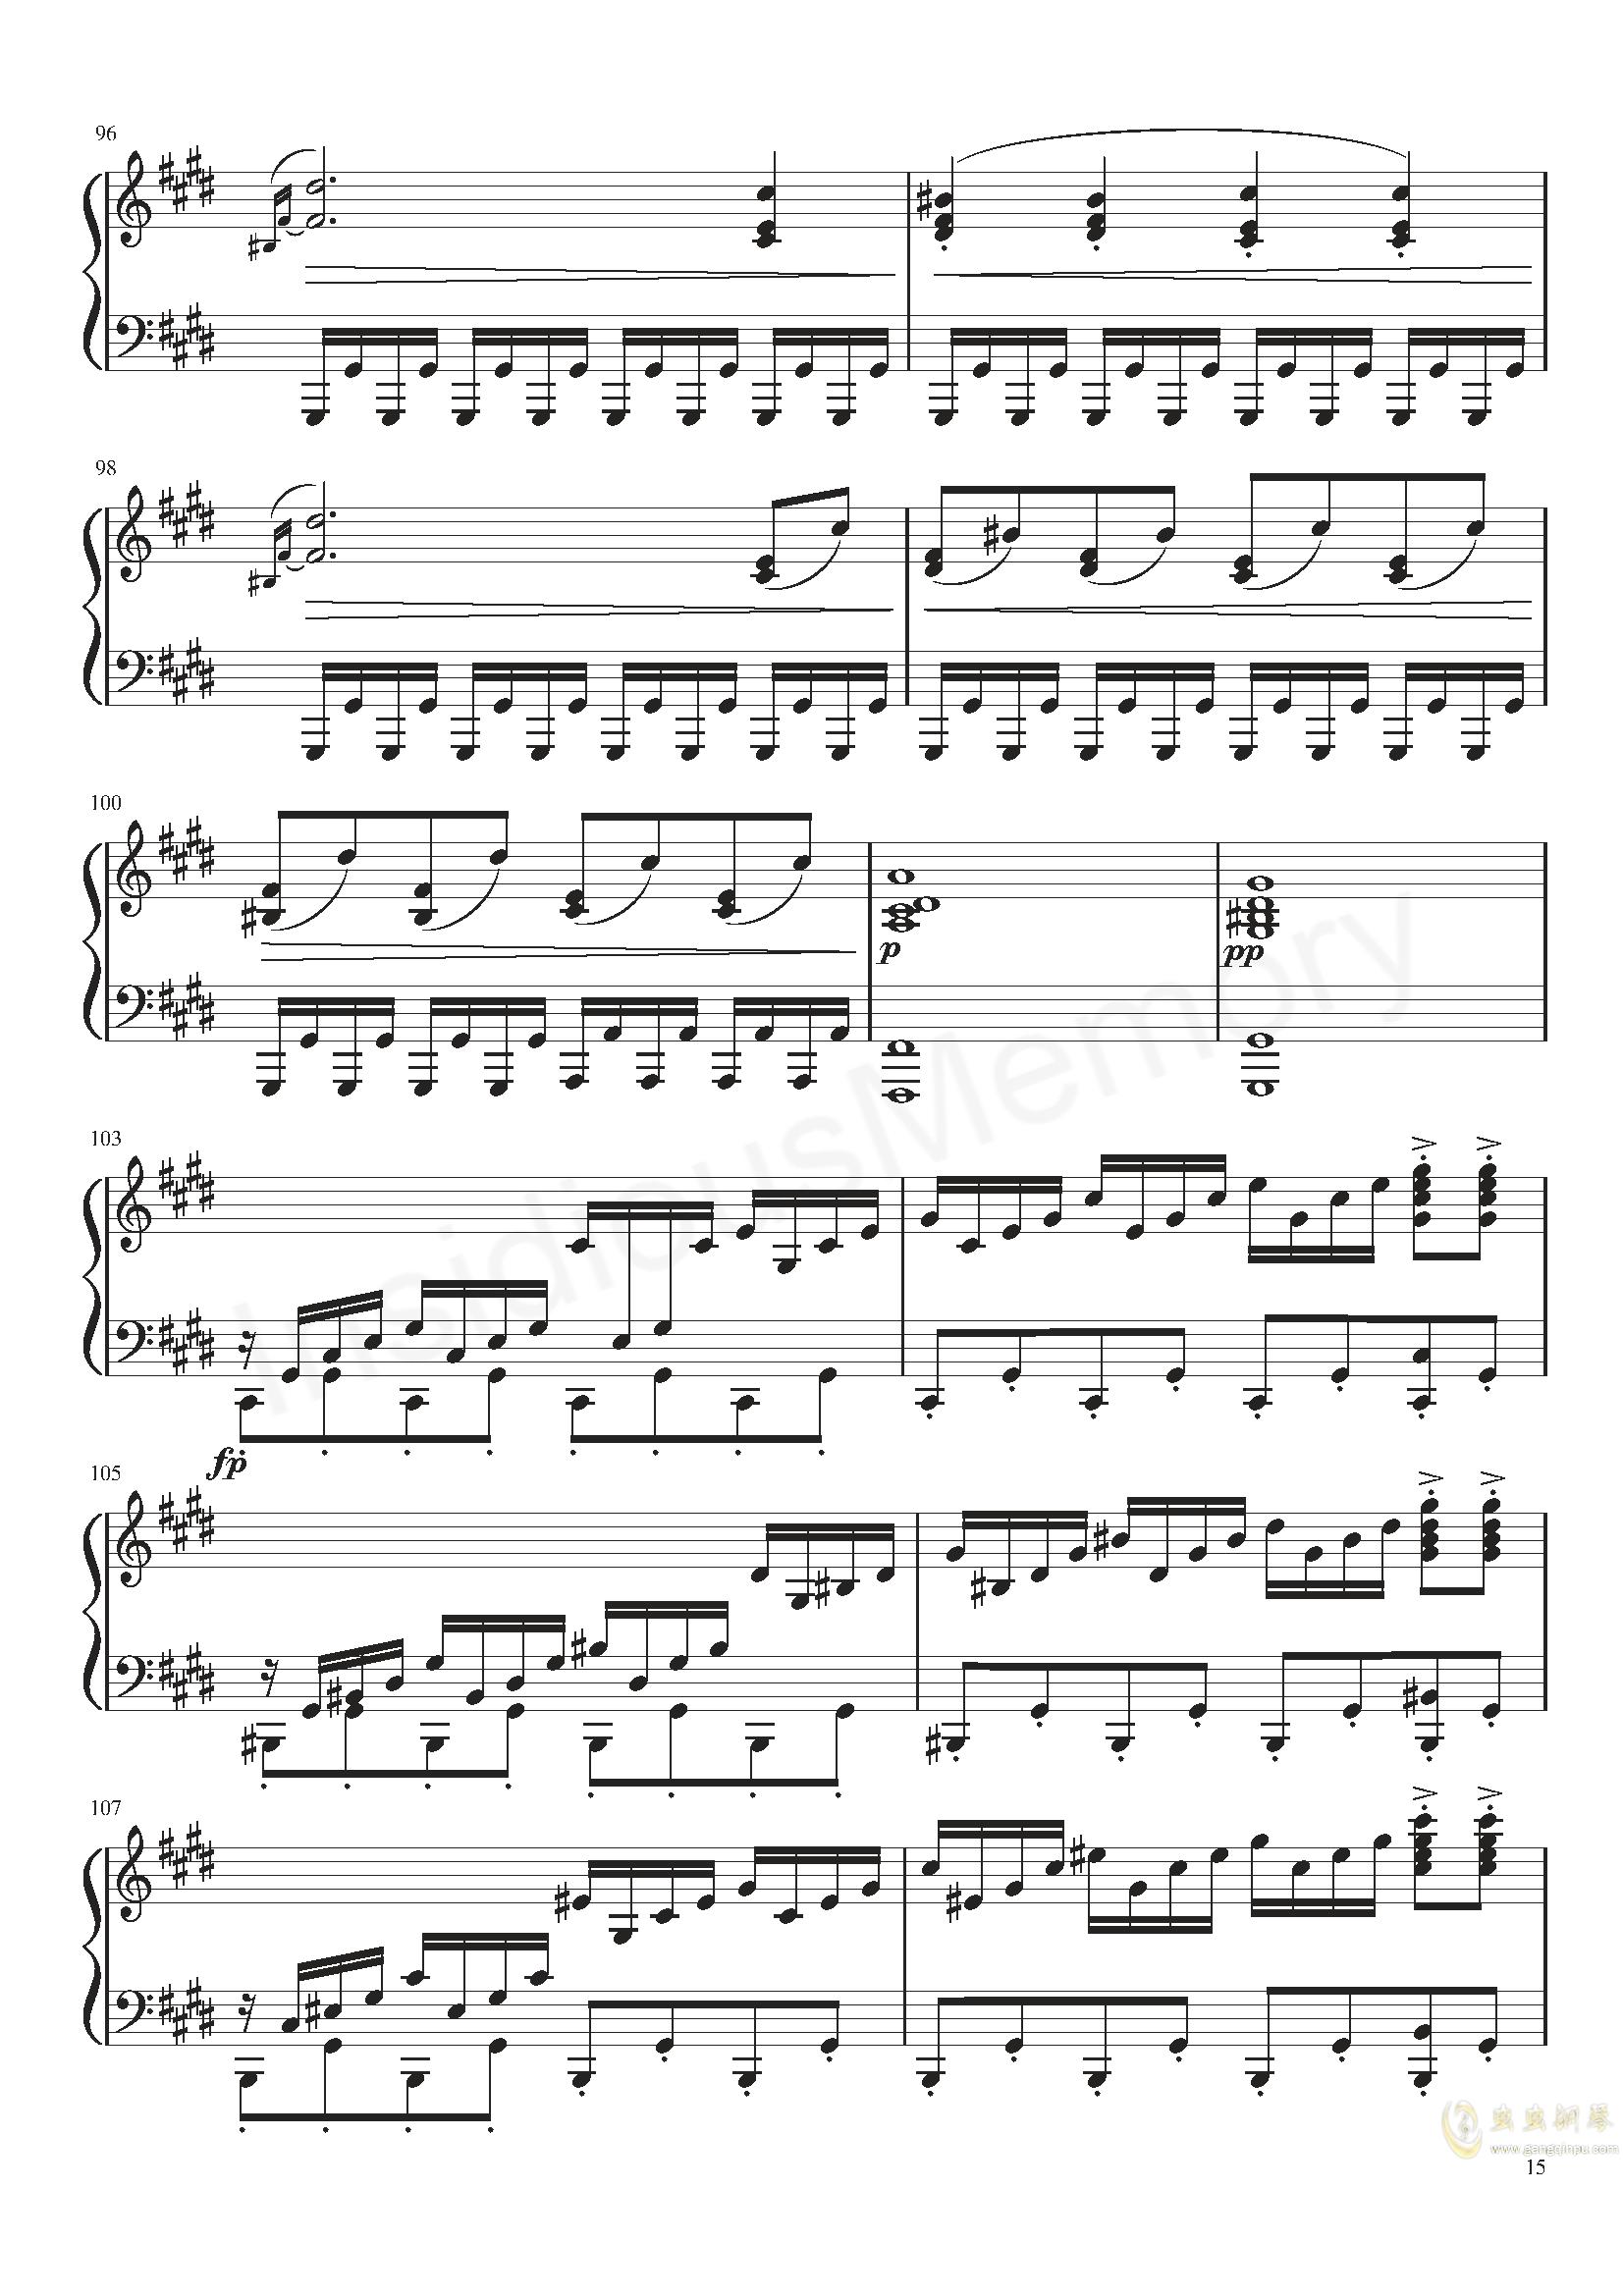 月光奏鸣曲钢琴谱 第15页